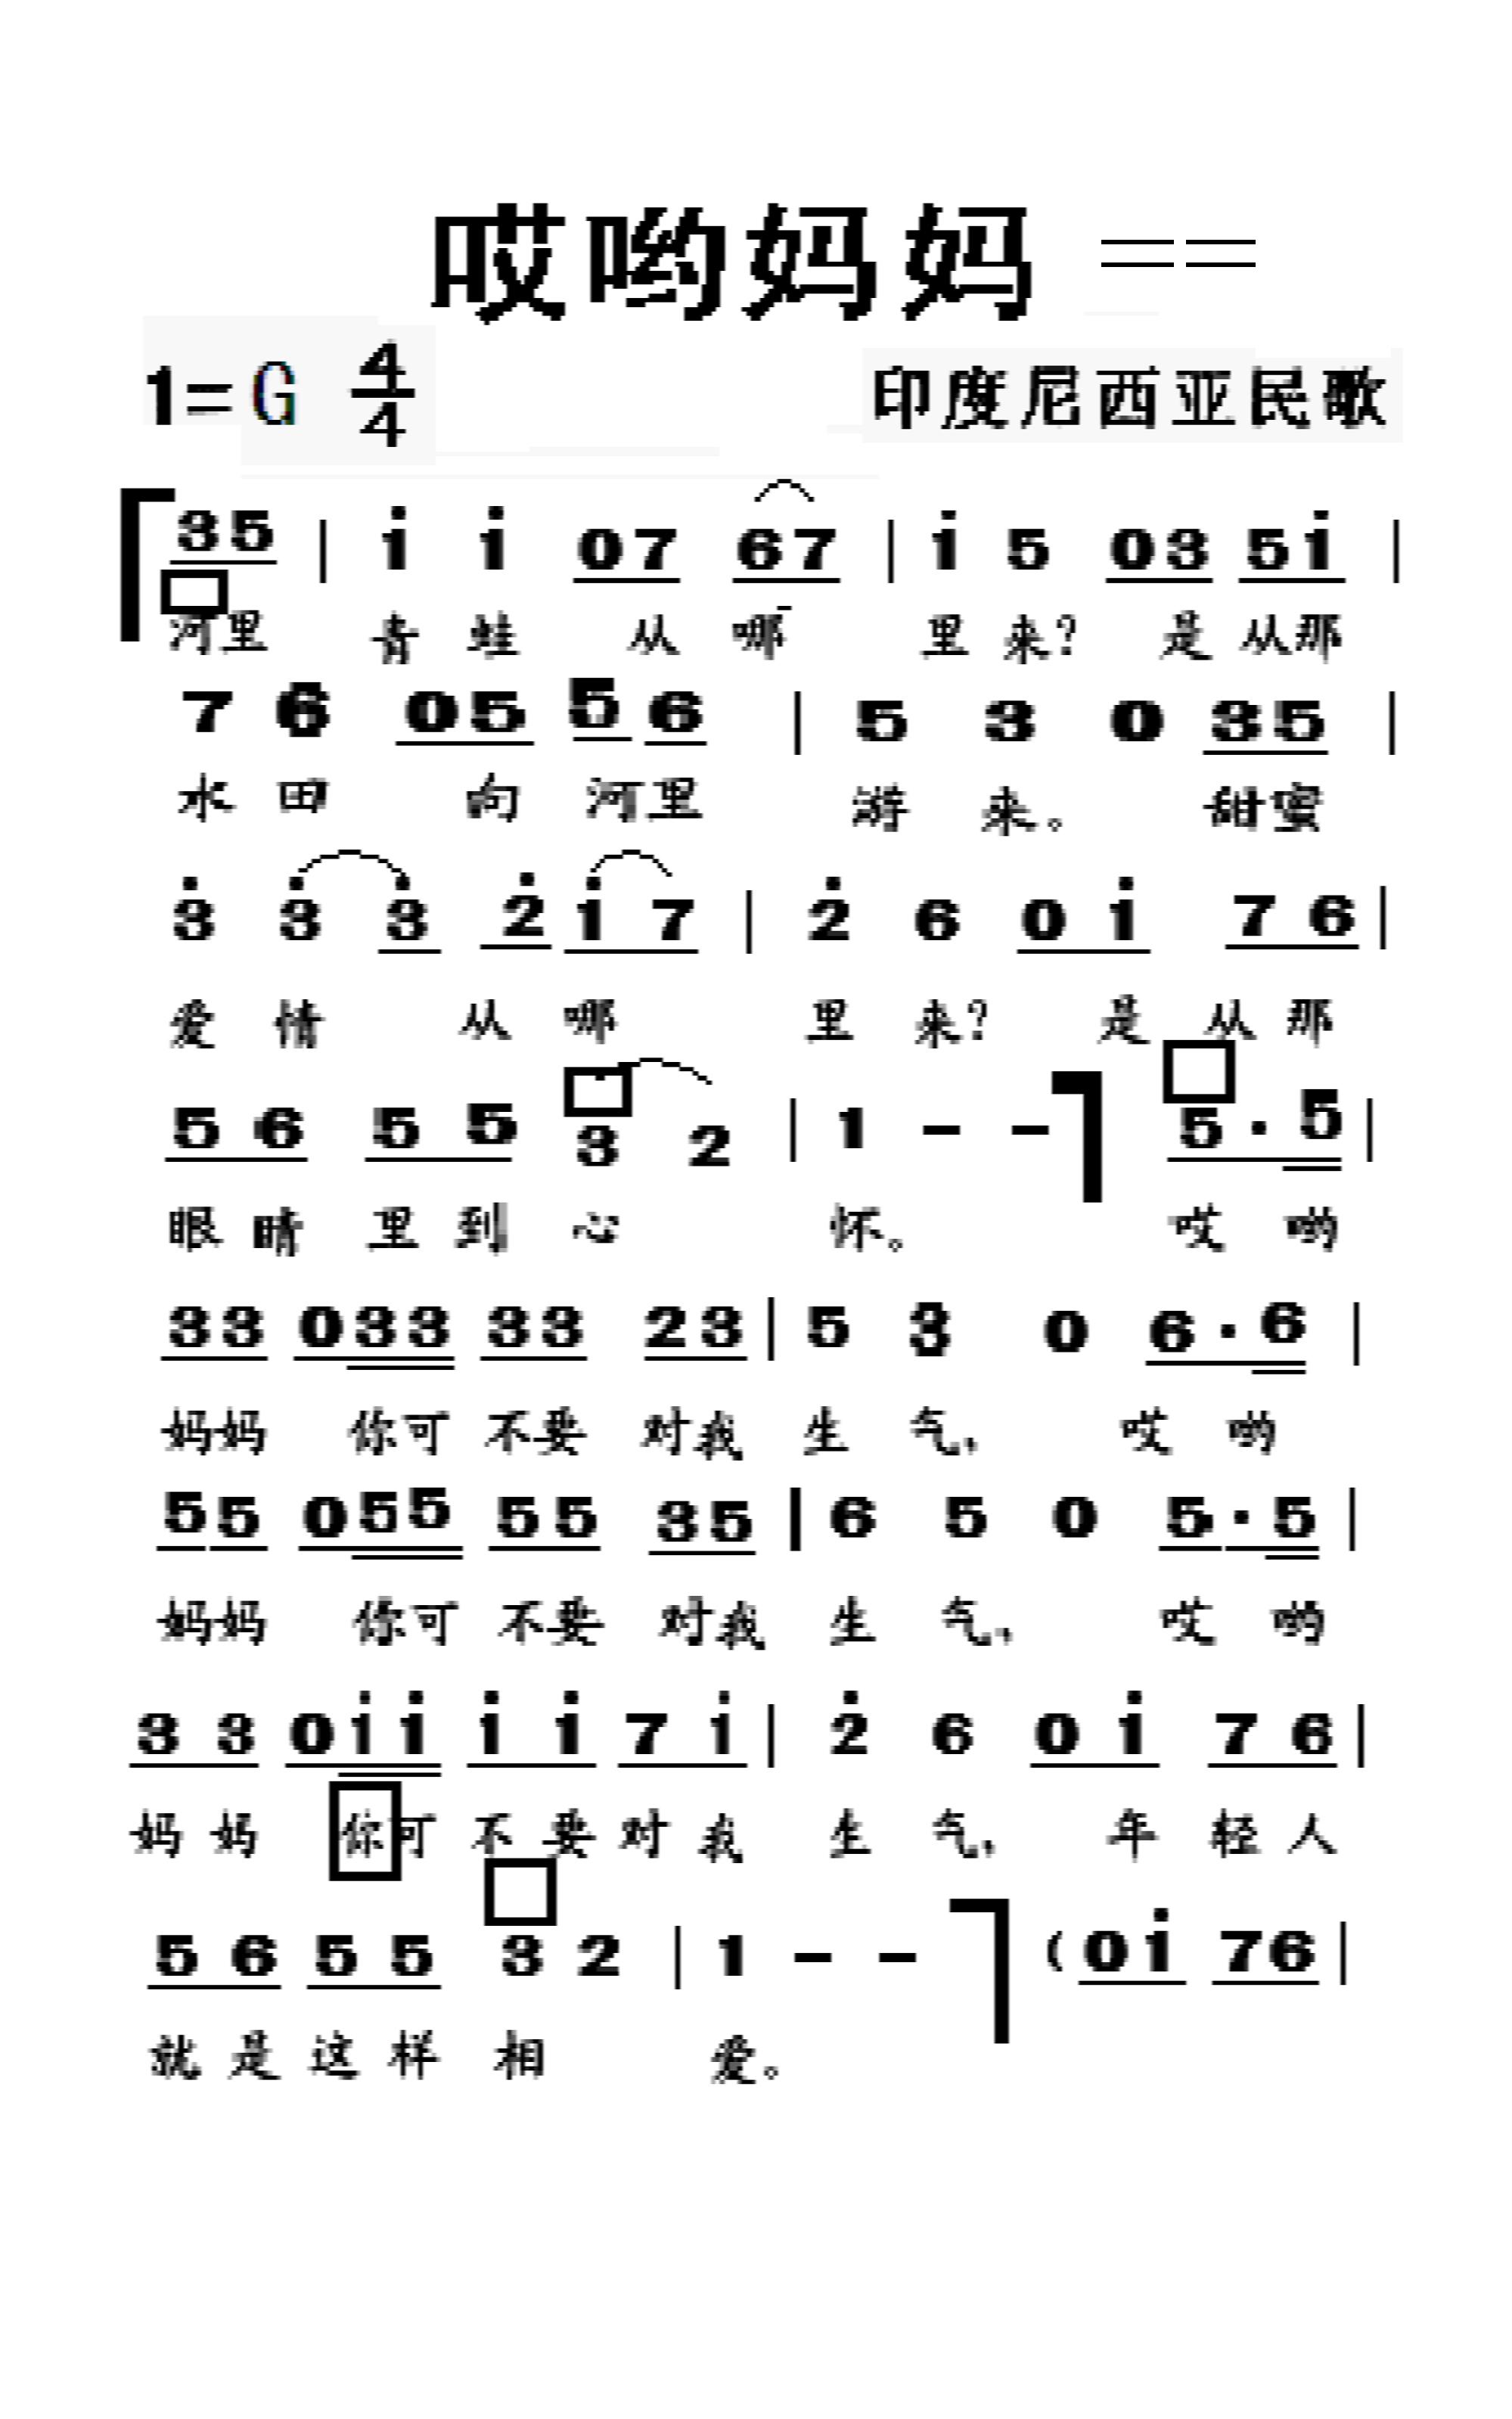 哎哟妈妈--葫芦丝简谱(编曲 混缩) tiger1950  演唱:印度尼西亚民歌